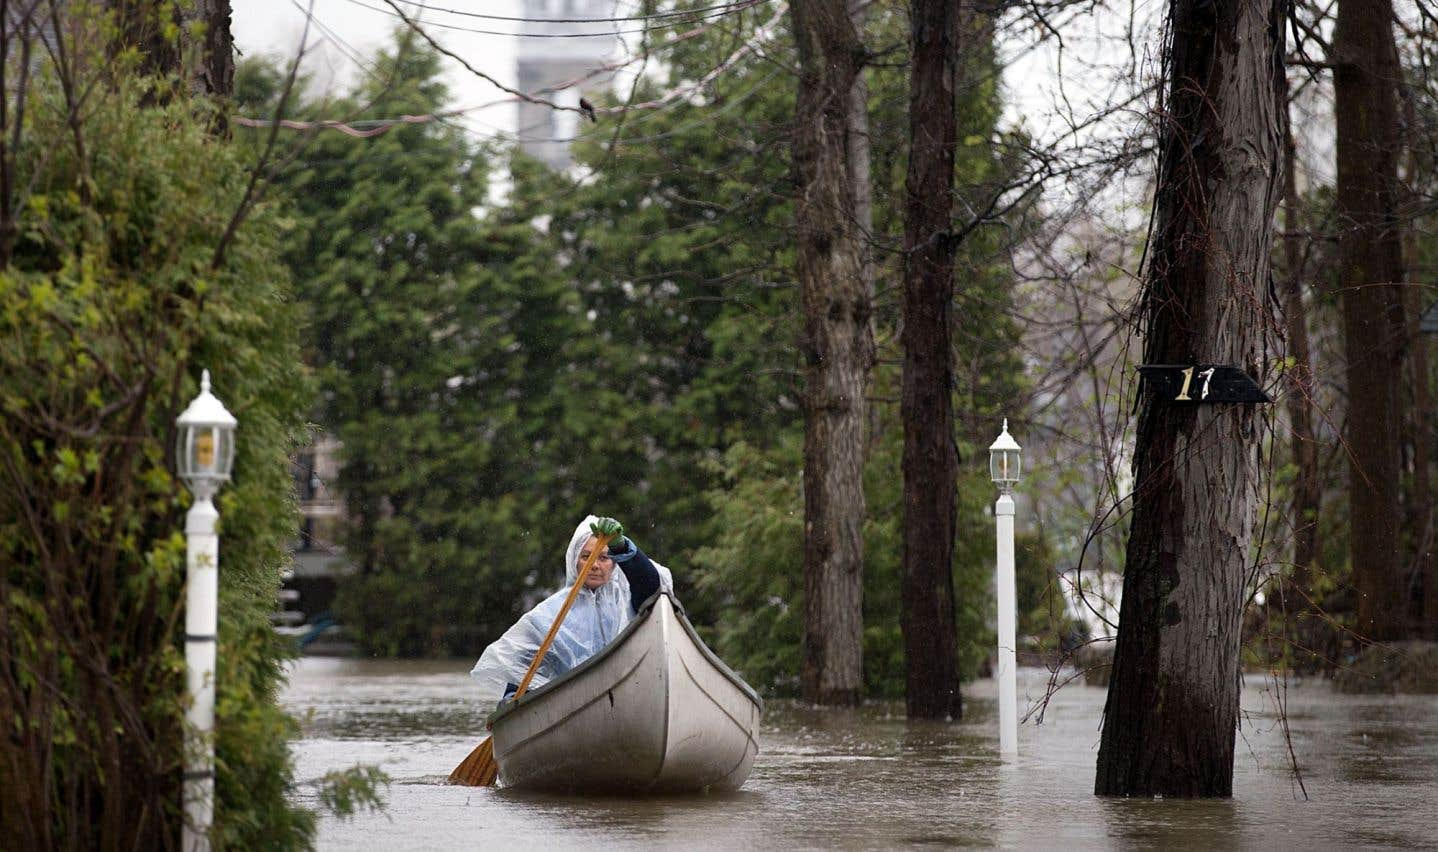 L'armée appelée en renfort pour faire face aux inondations